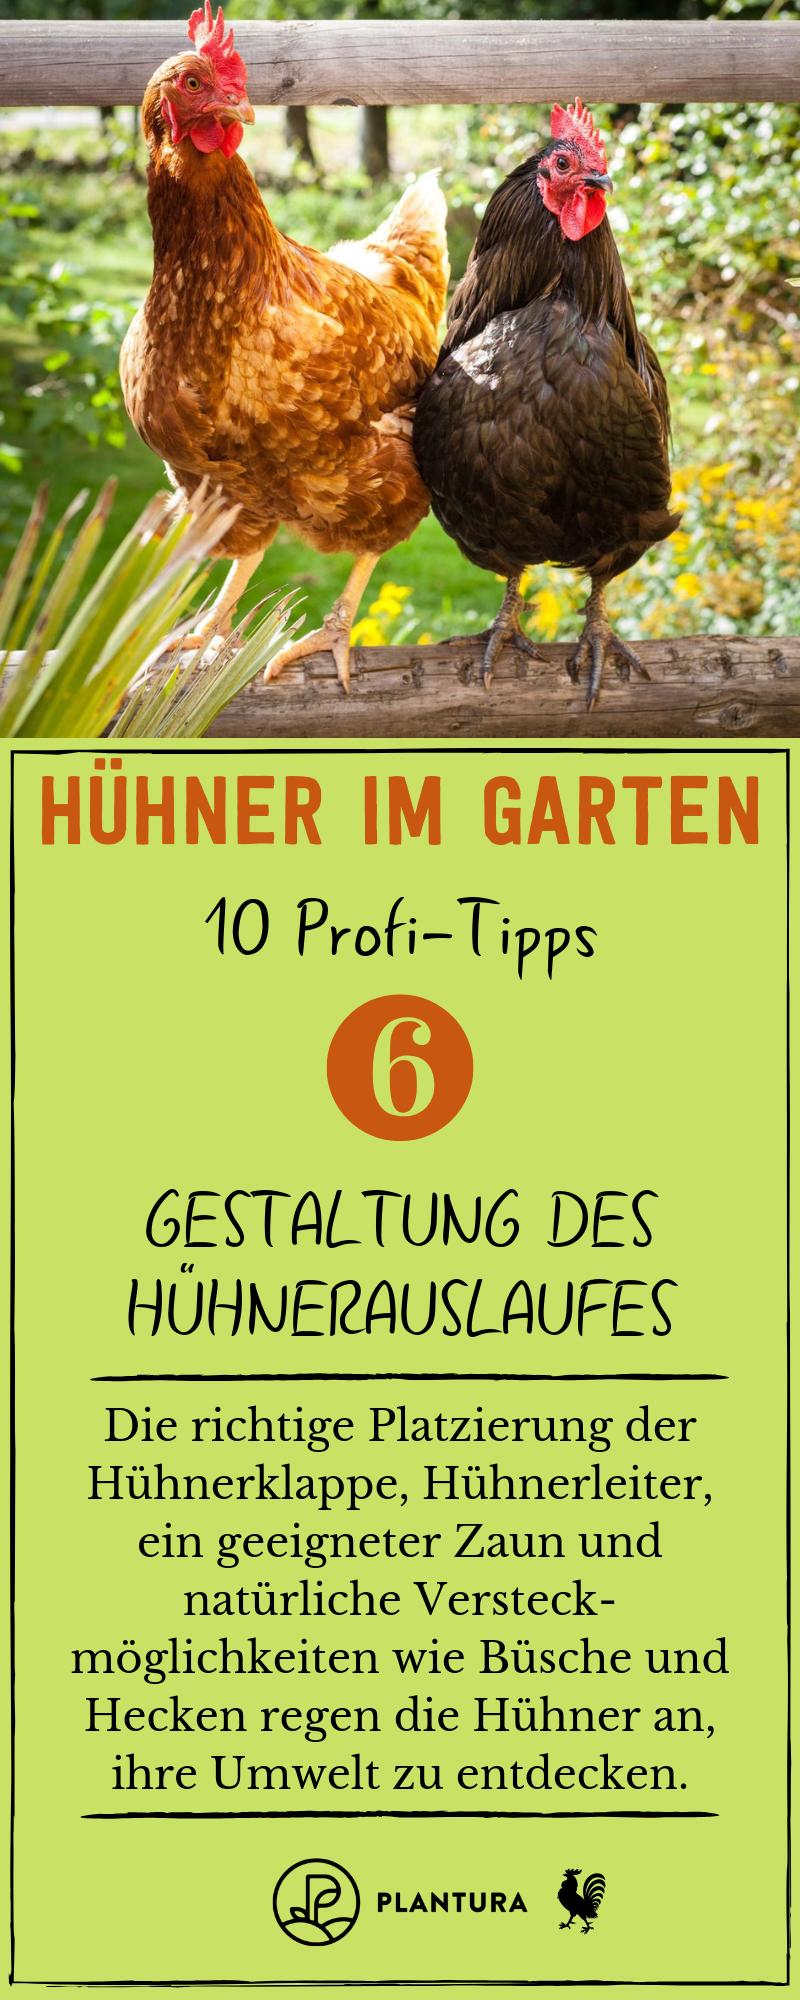 Huhner Im Garten 10 Profi Tipps Zur Richtigen Haltung Plantura Gardening For Kids Chicken Garden Sustainable Garden